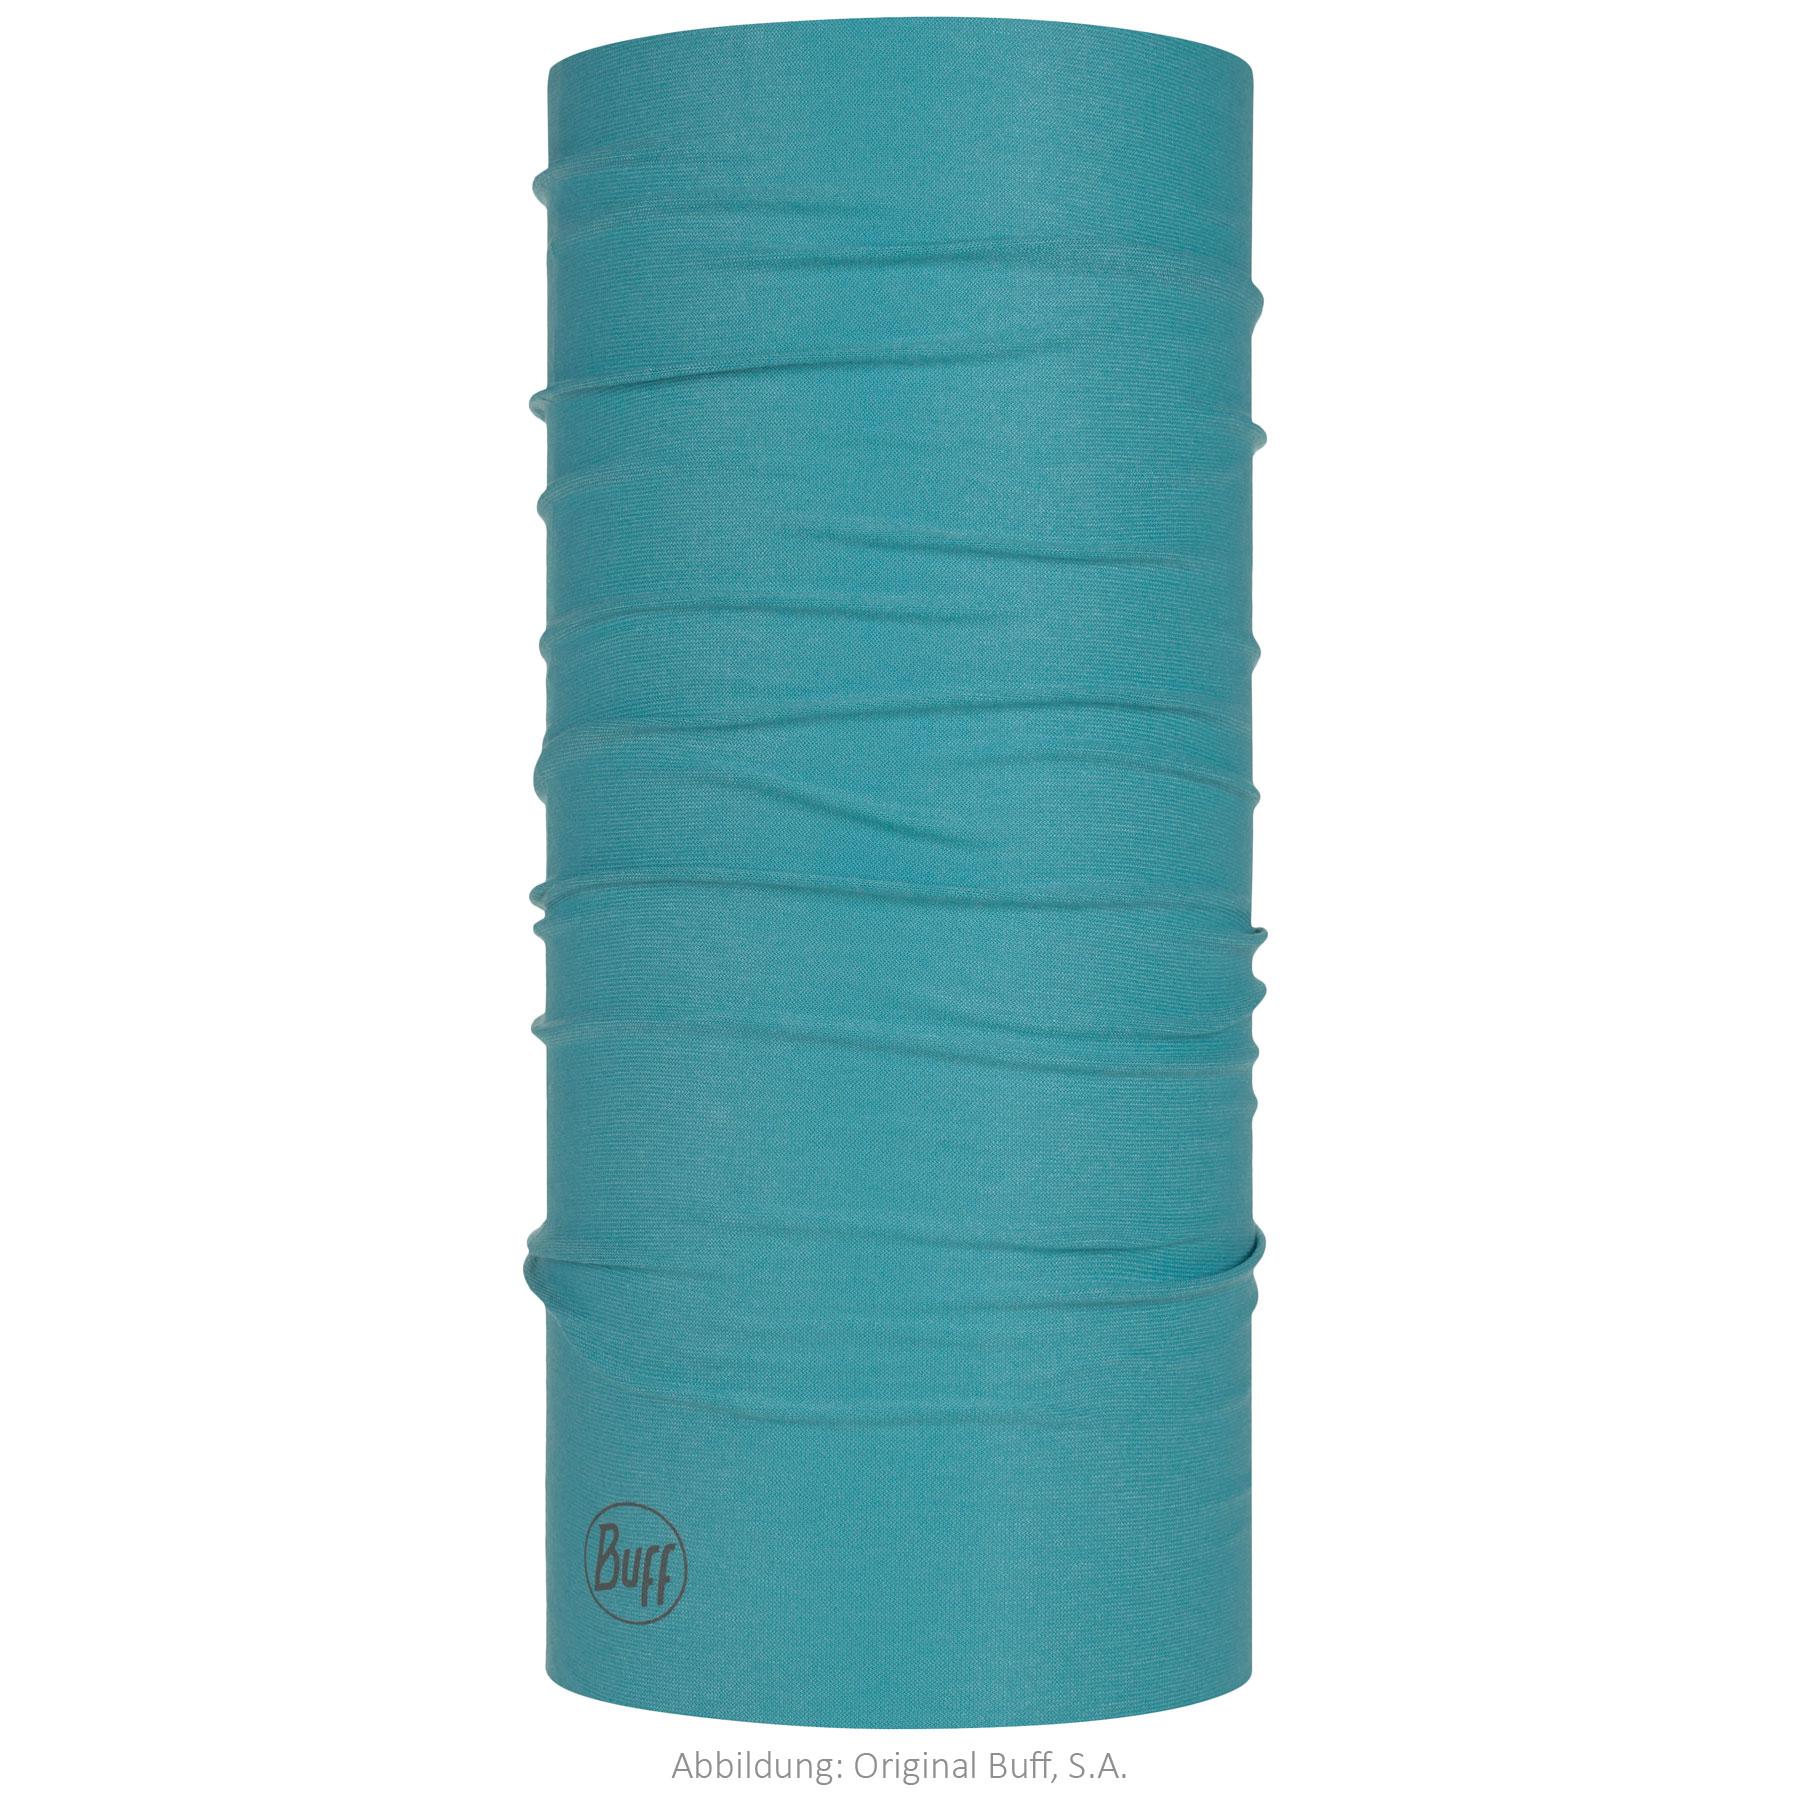 Buff® Original Multifunctional Cloth - Solid Dusty Blue